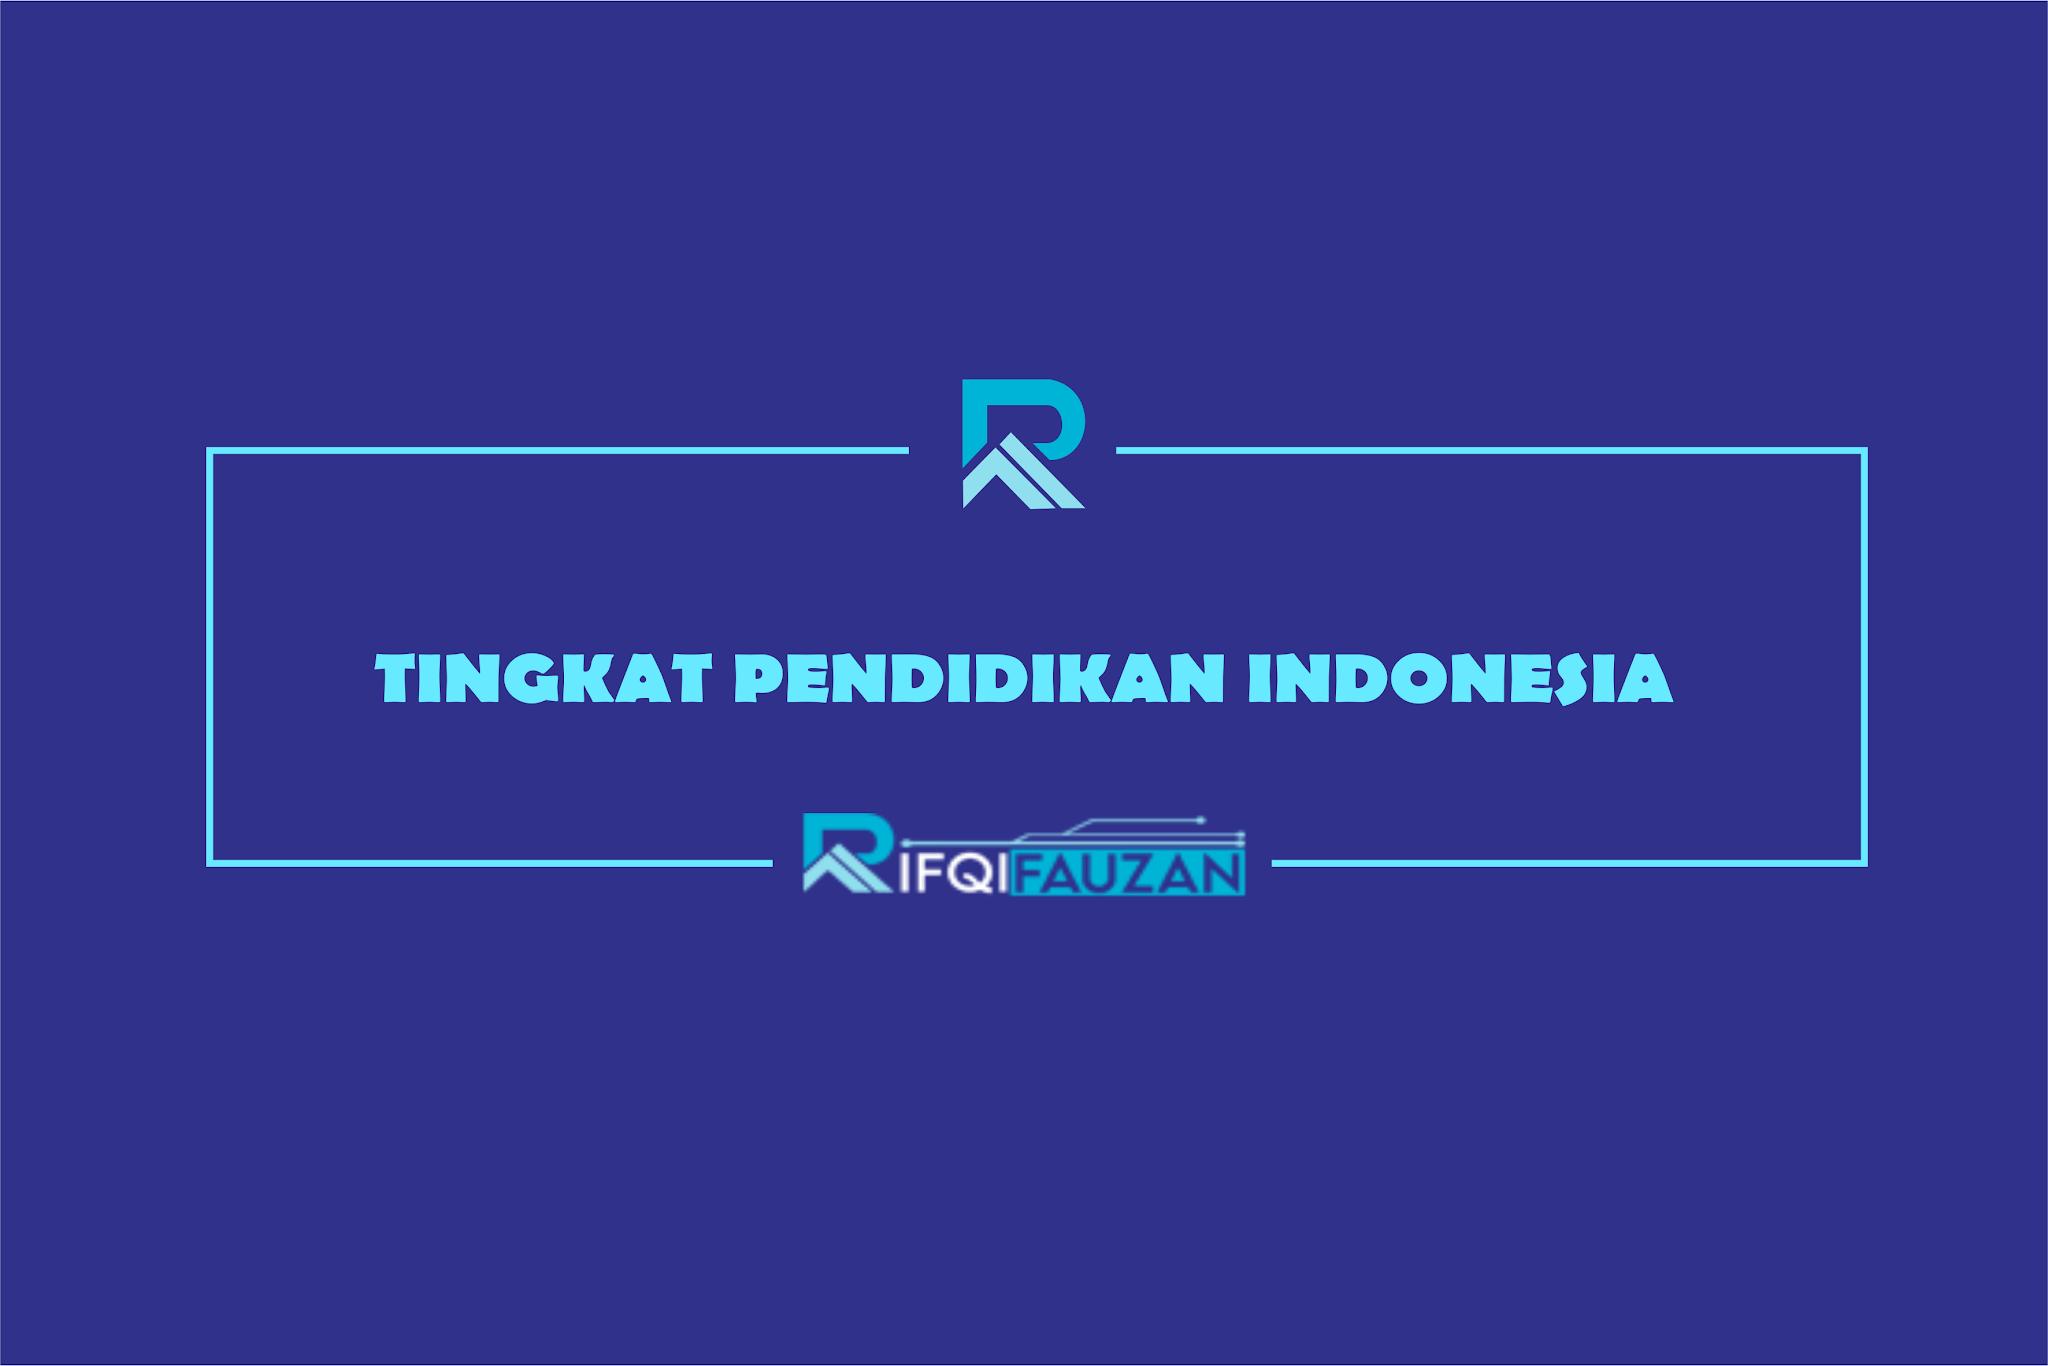 BAGAIMANA TINGKAT PENDIDIKAN INDONESIA DI MATA DUNIA